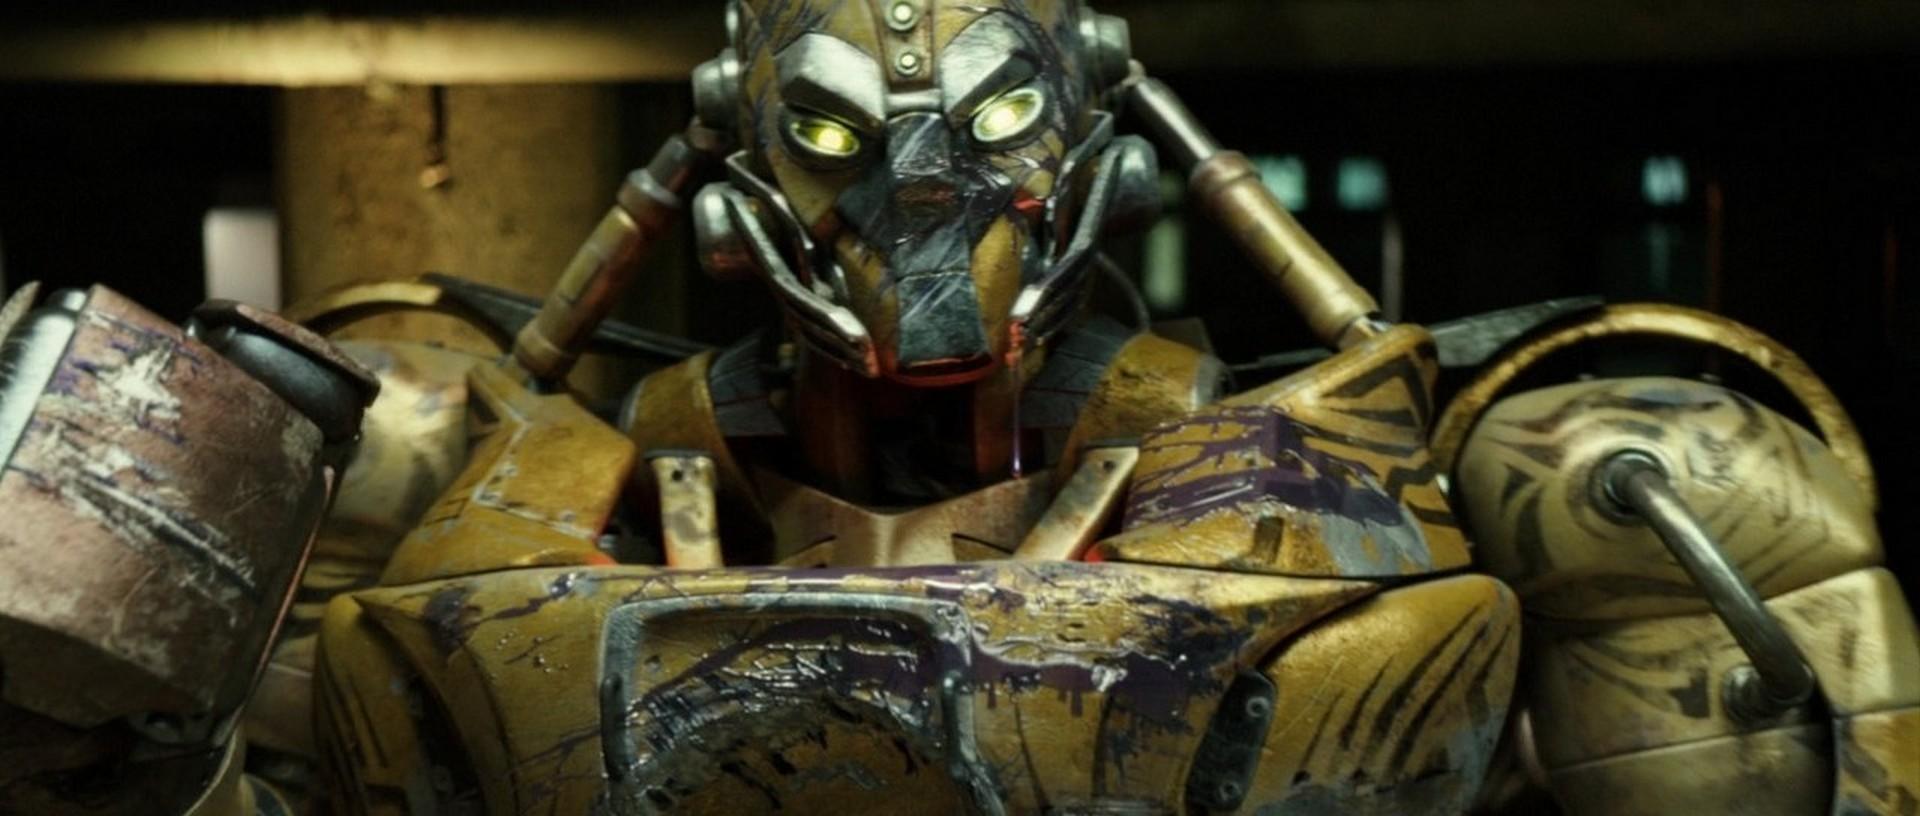 опубликована картинки метро робота из живой стали гостиницы при помощи